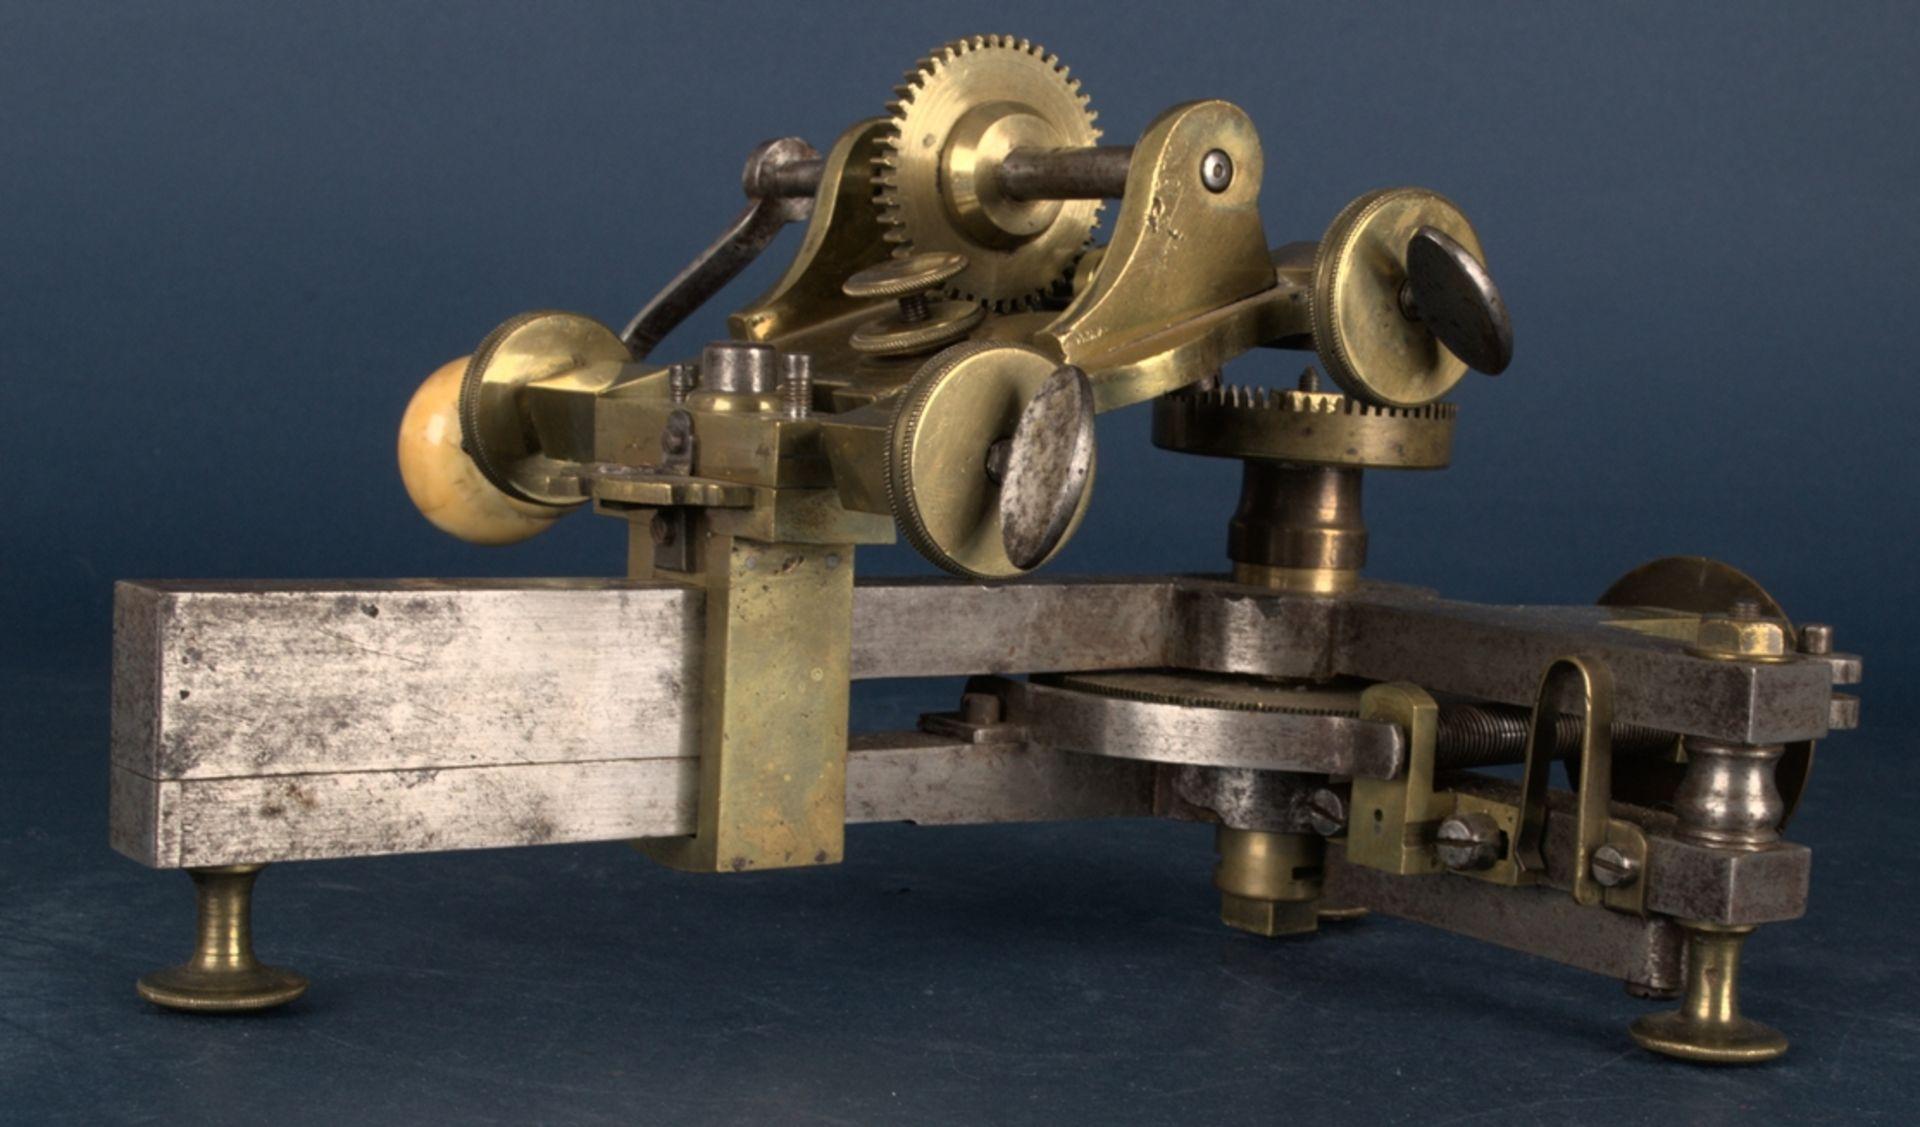 Zahnradfräsmaschine/Zahnräderschneidemaschine, frühes Uhrmacherwerkzeug, deutsch Mitte 18. Jhd., - Bild 19 aus 29